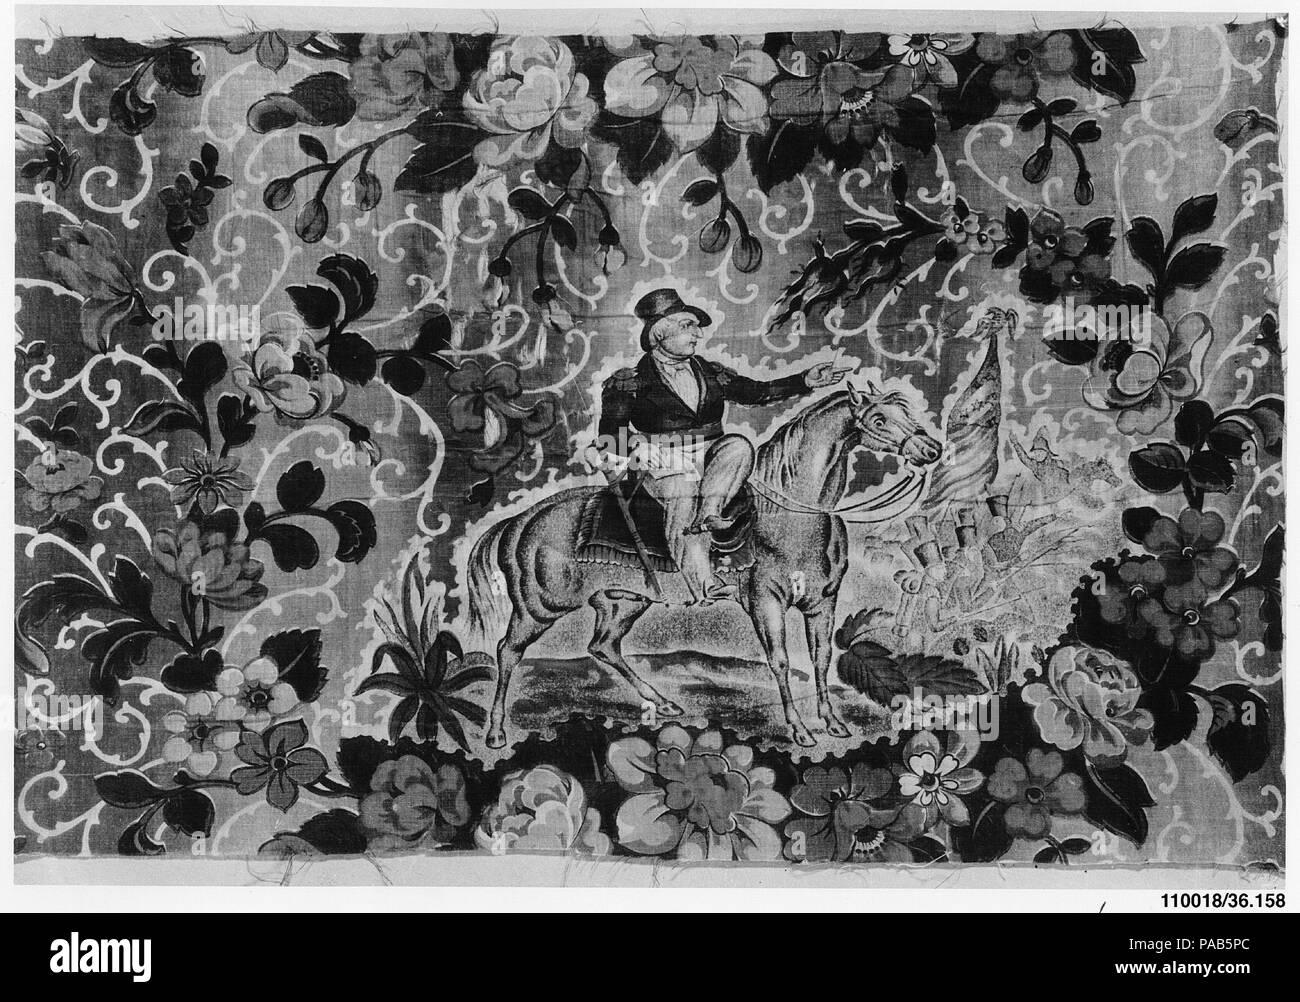 Pièce. Culture: L'Américain. Dimensions: 25 x 16 in. (63,5 x 40,6 cm). Date: ca. 1846-1848. Musée: Metropolitan Museum of Art, New York, USA. Banque D'Images